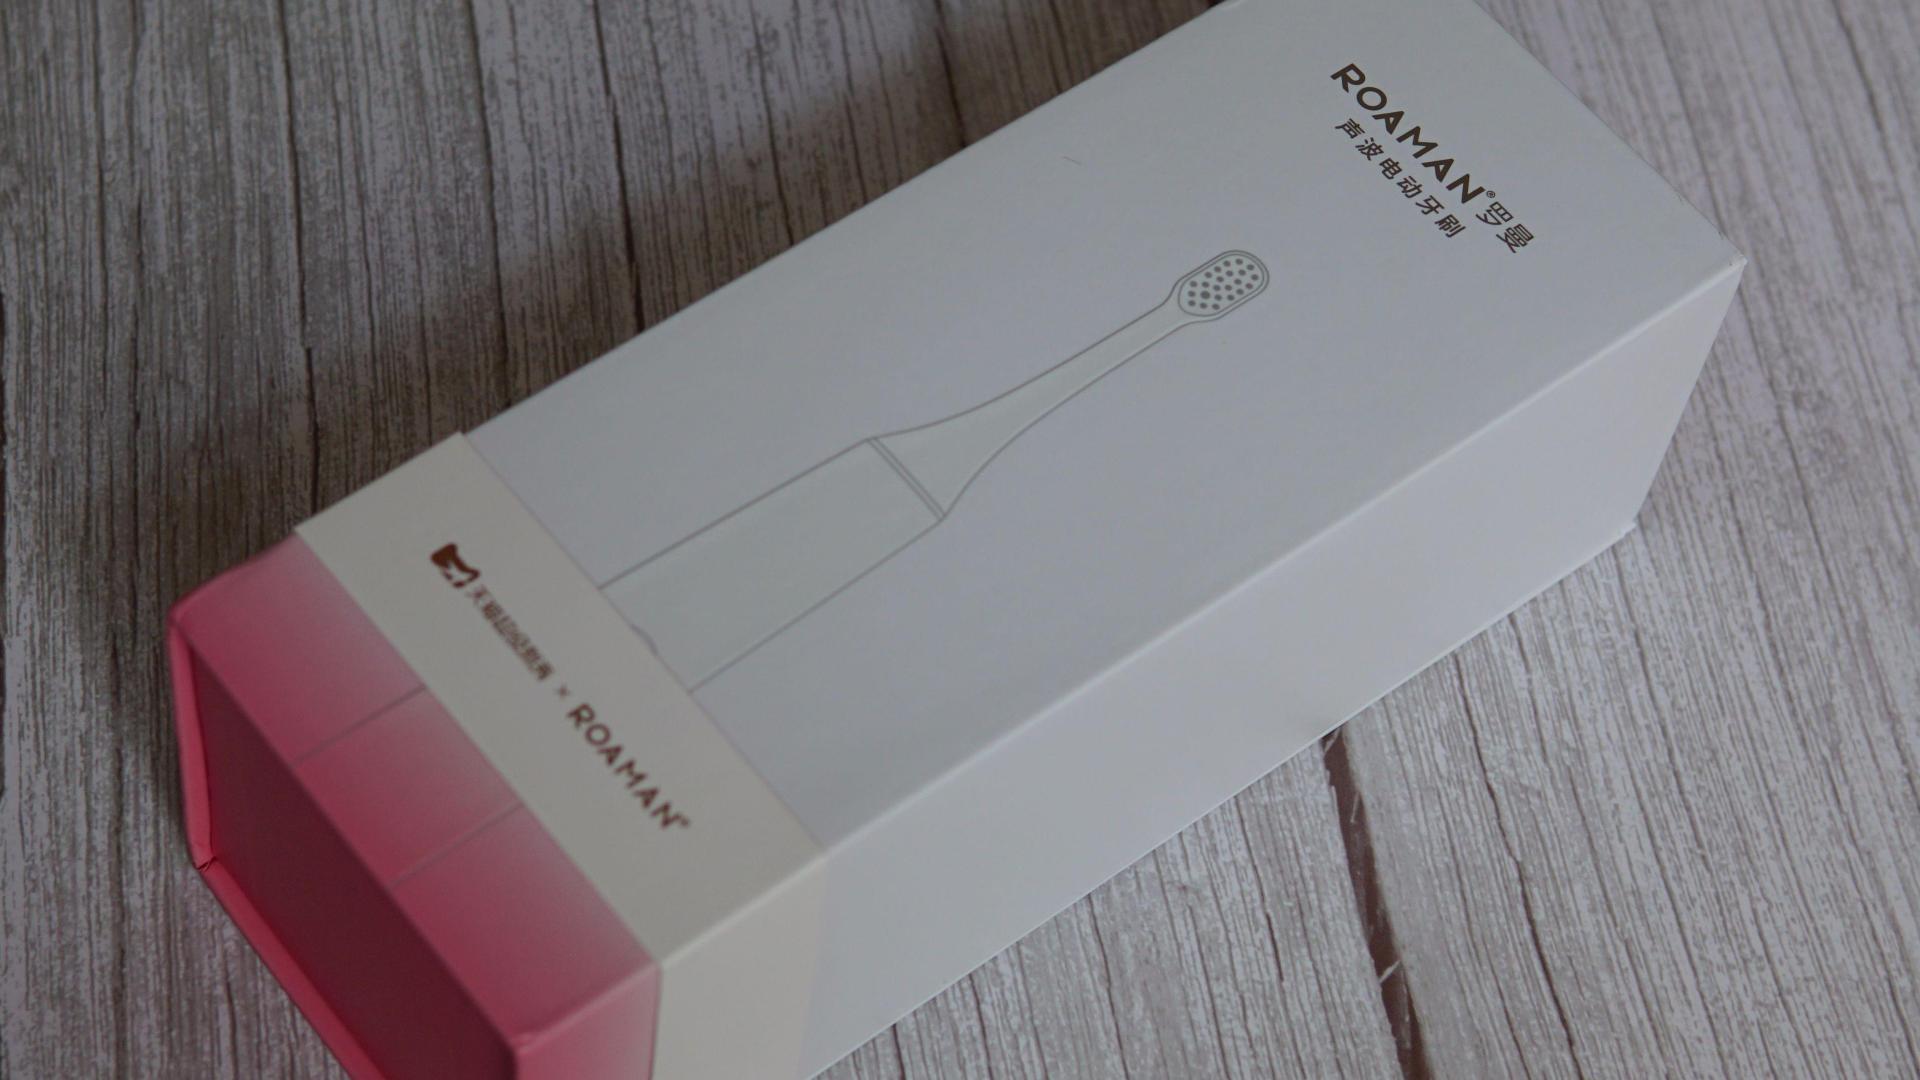 罗曼小心机电动牙刷评测:颜值高,心机巧,性能棒!